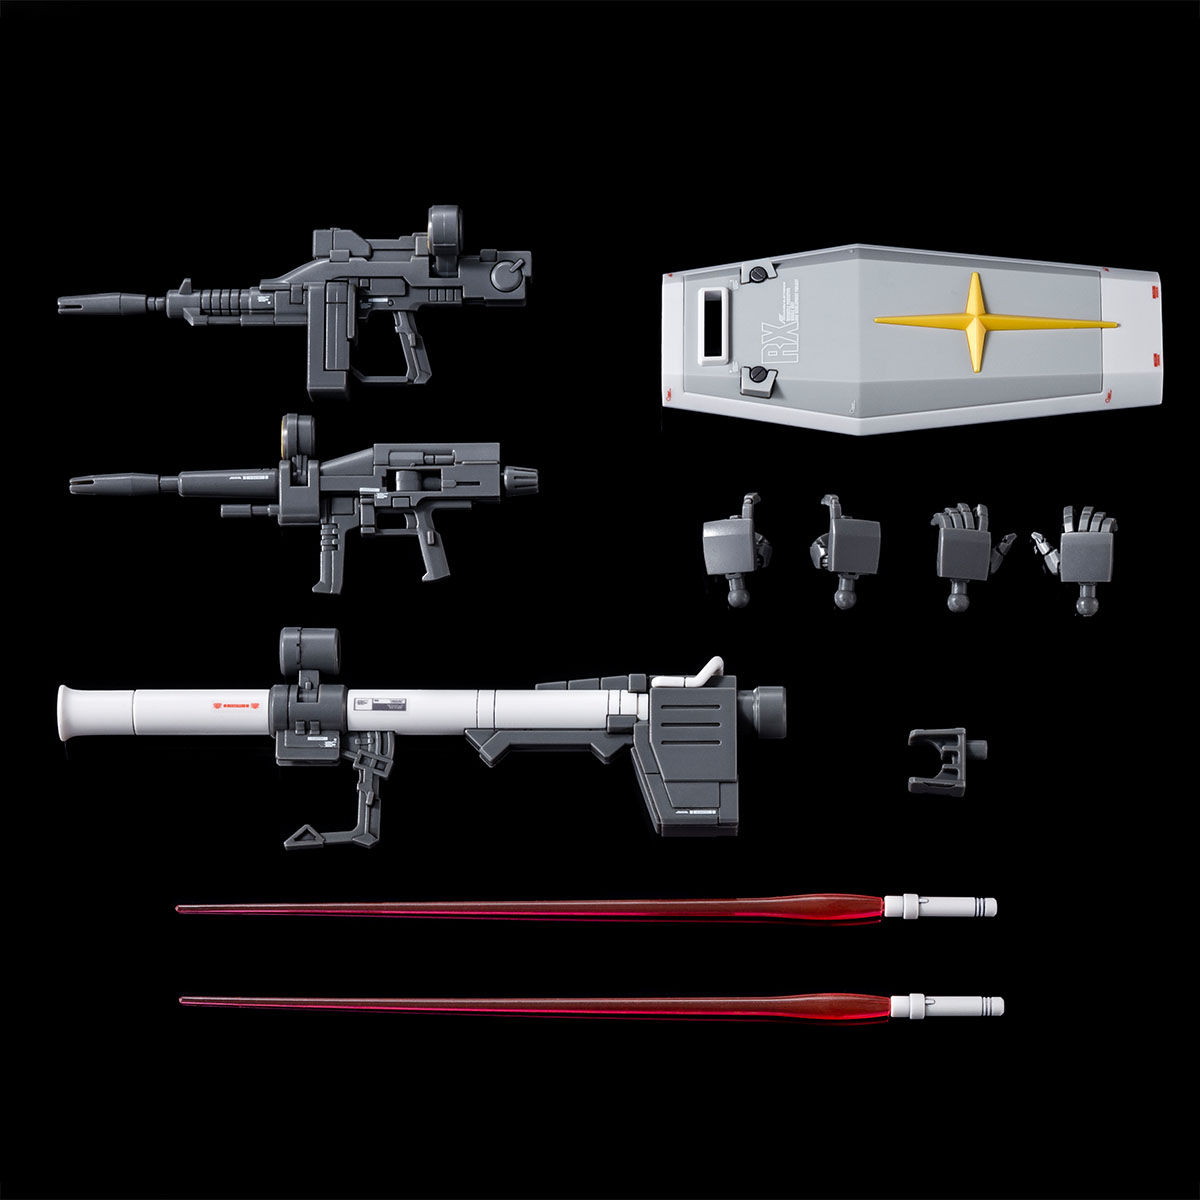 【限定販売】【2次】HG 1/144『RX-78-02 ガンダム ロールアウトカラー(GUNDAM THE ORIGIN版)』プラモデル-008